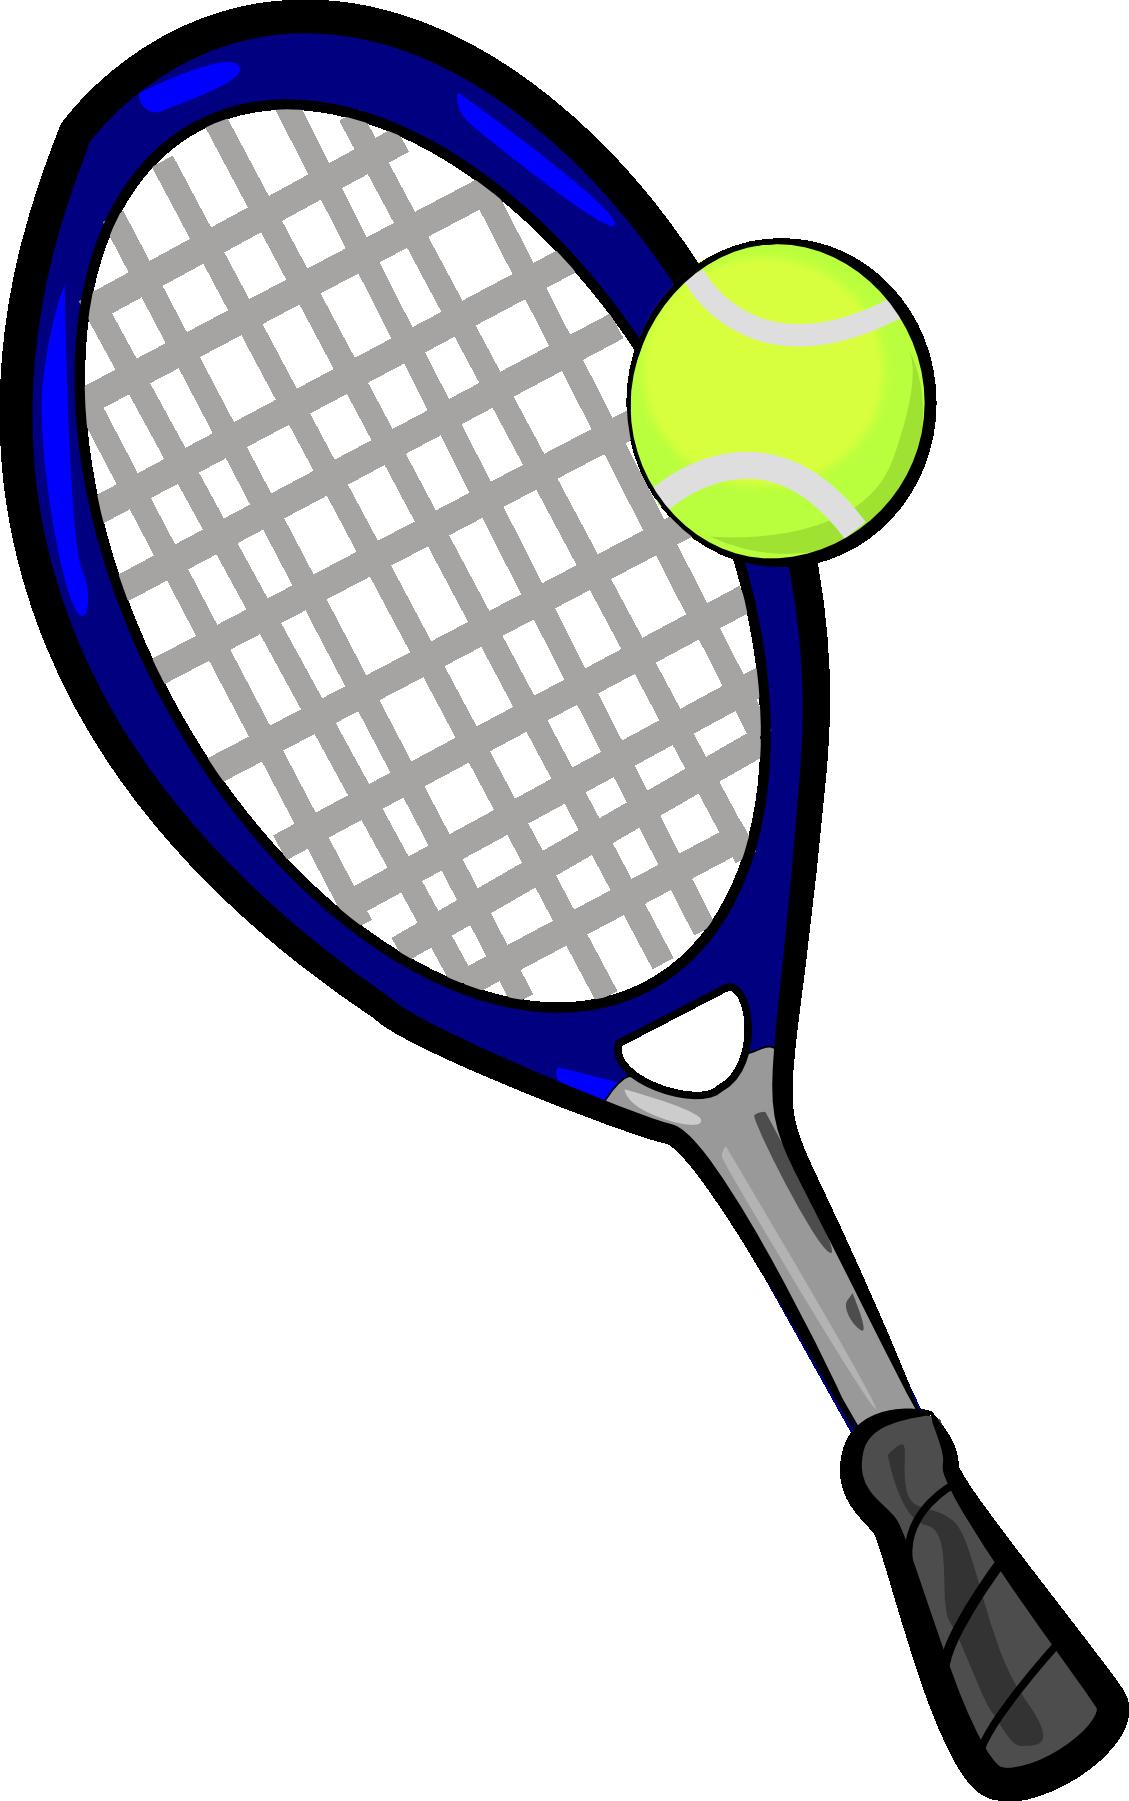 clipart tennis - photo #12